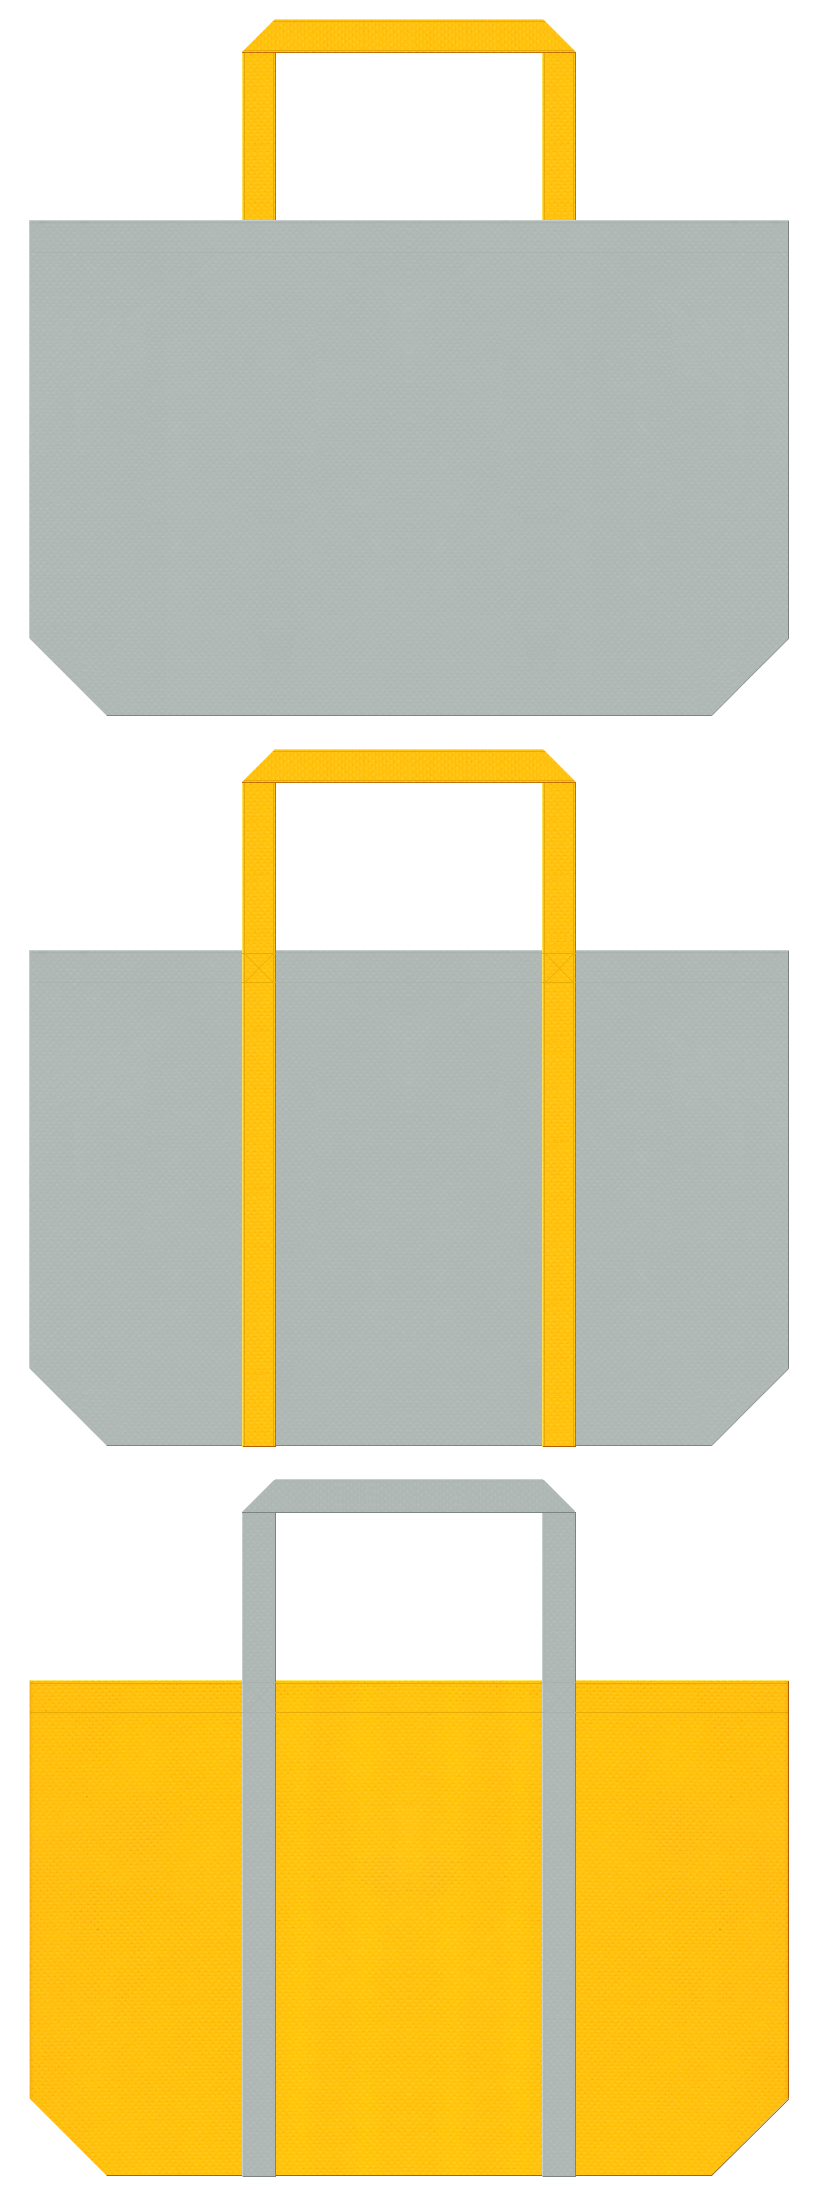 グレー色と黄色の不織布エコバッグのデザイン。電気・通信のイメージにお奨めです。